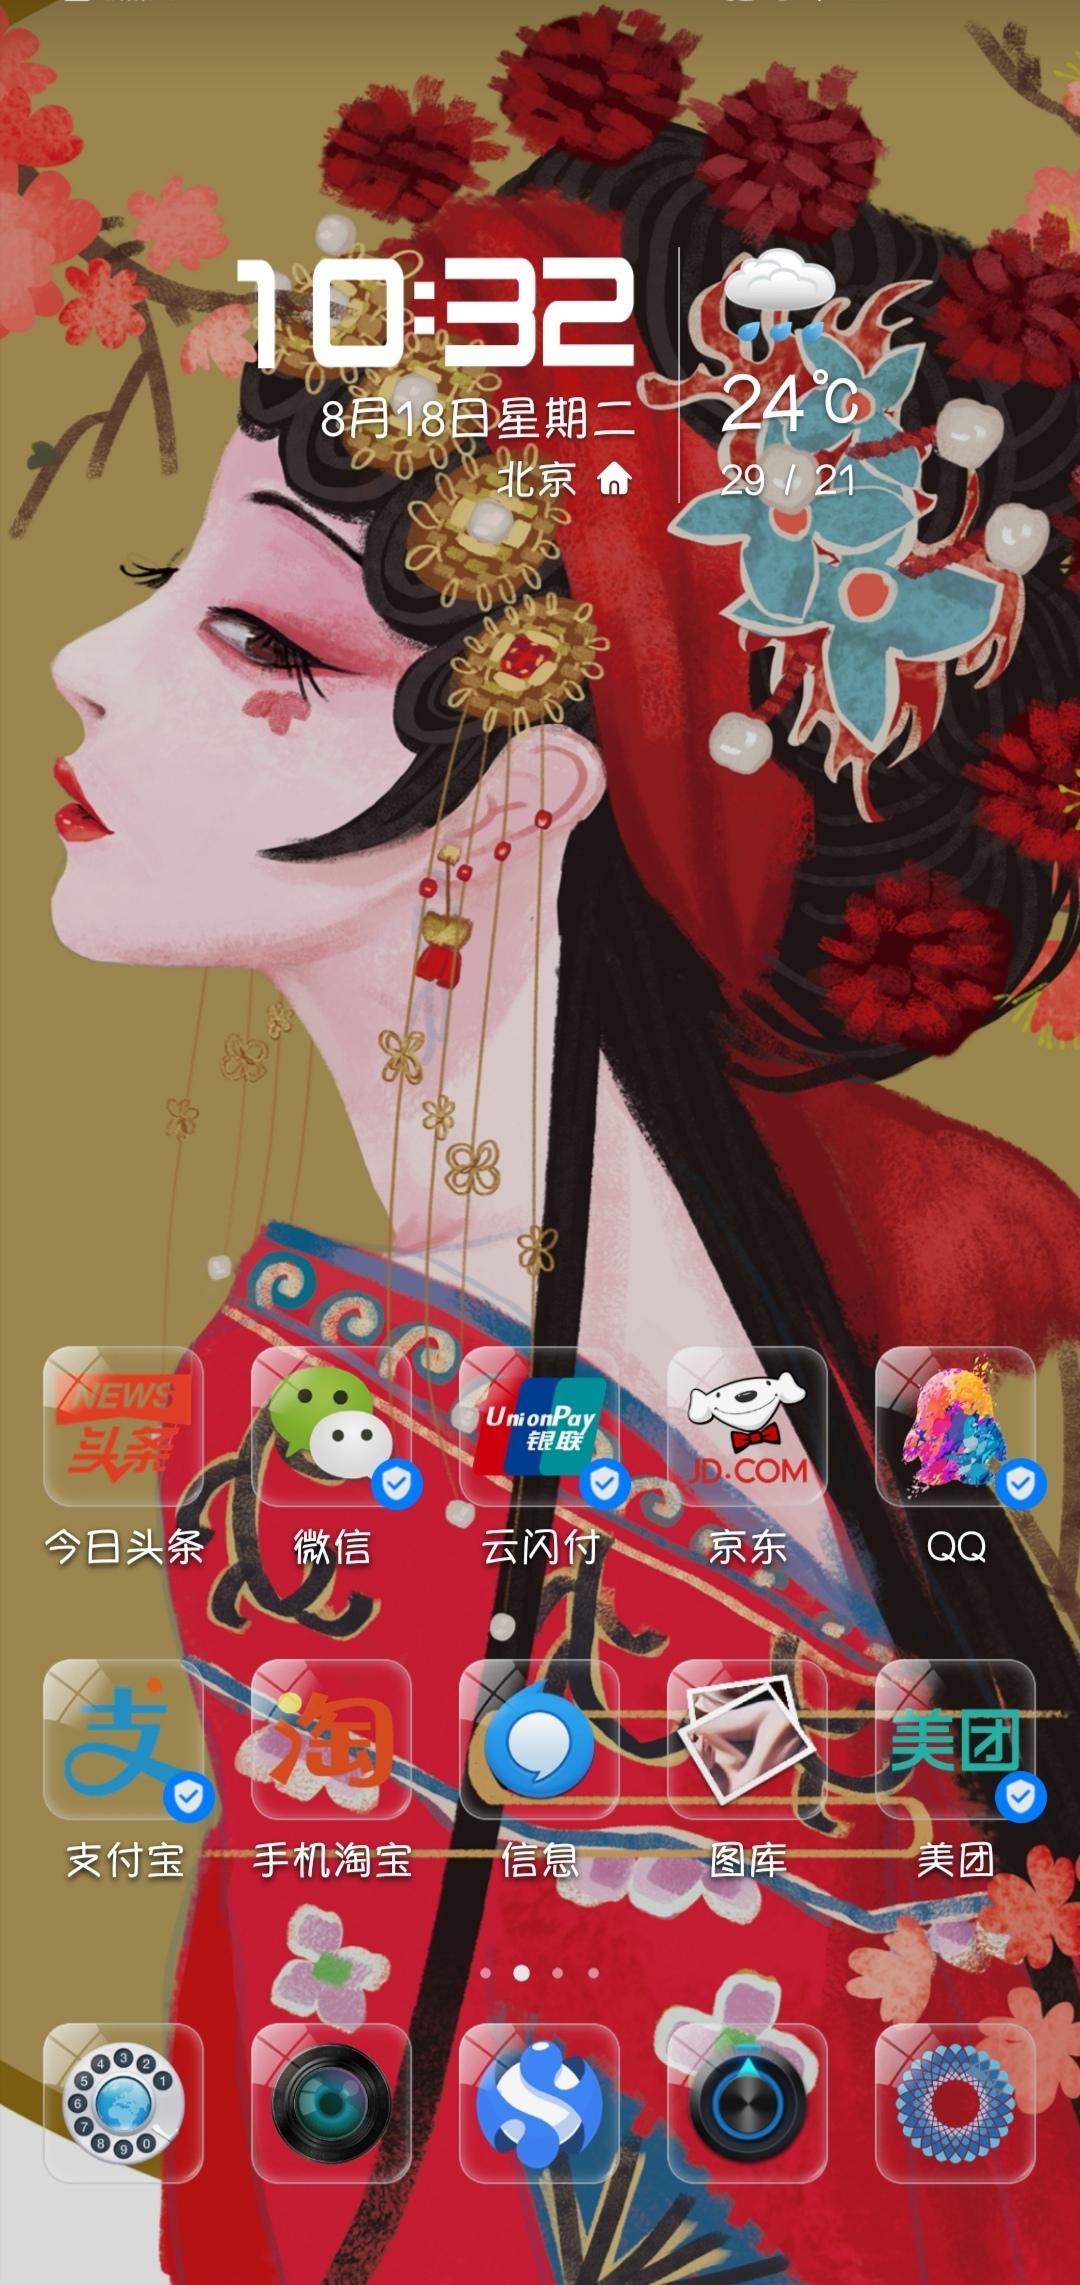 Screenshot_20200818_104235.jpg